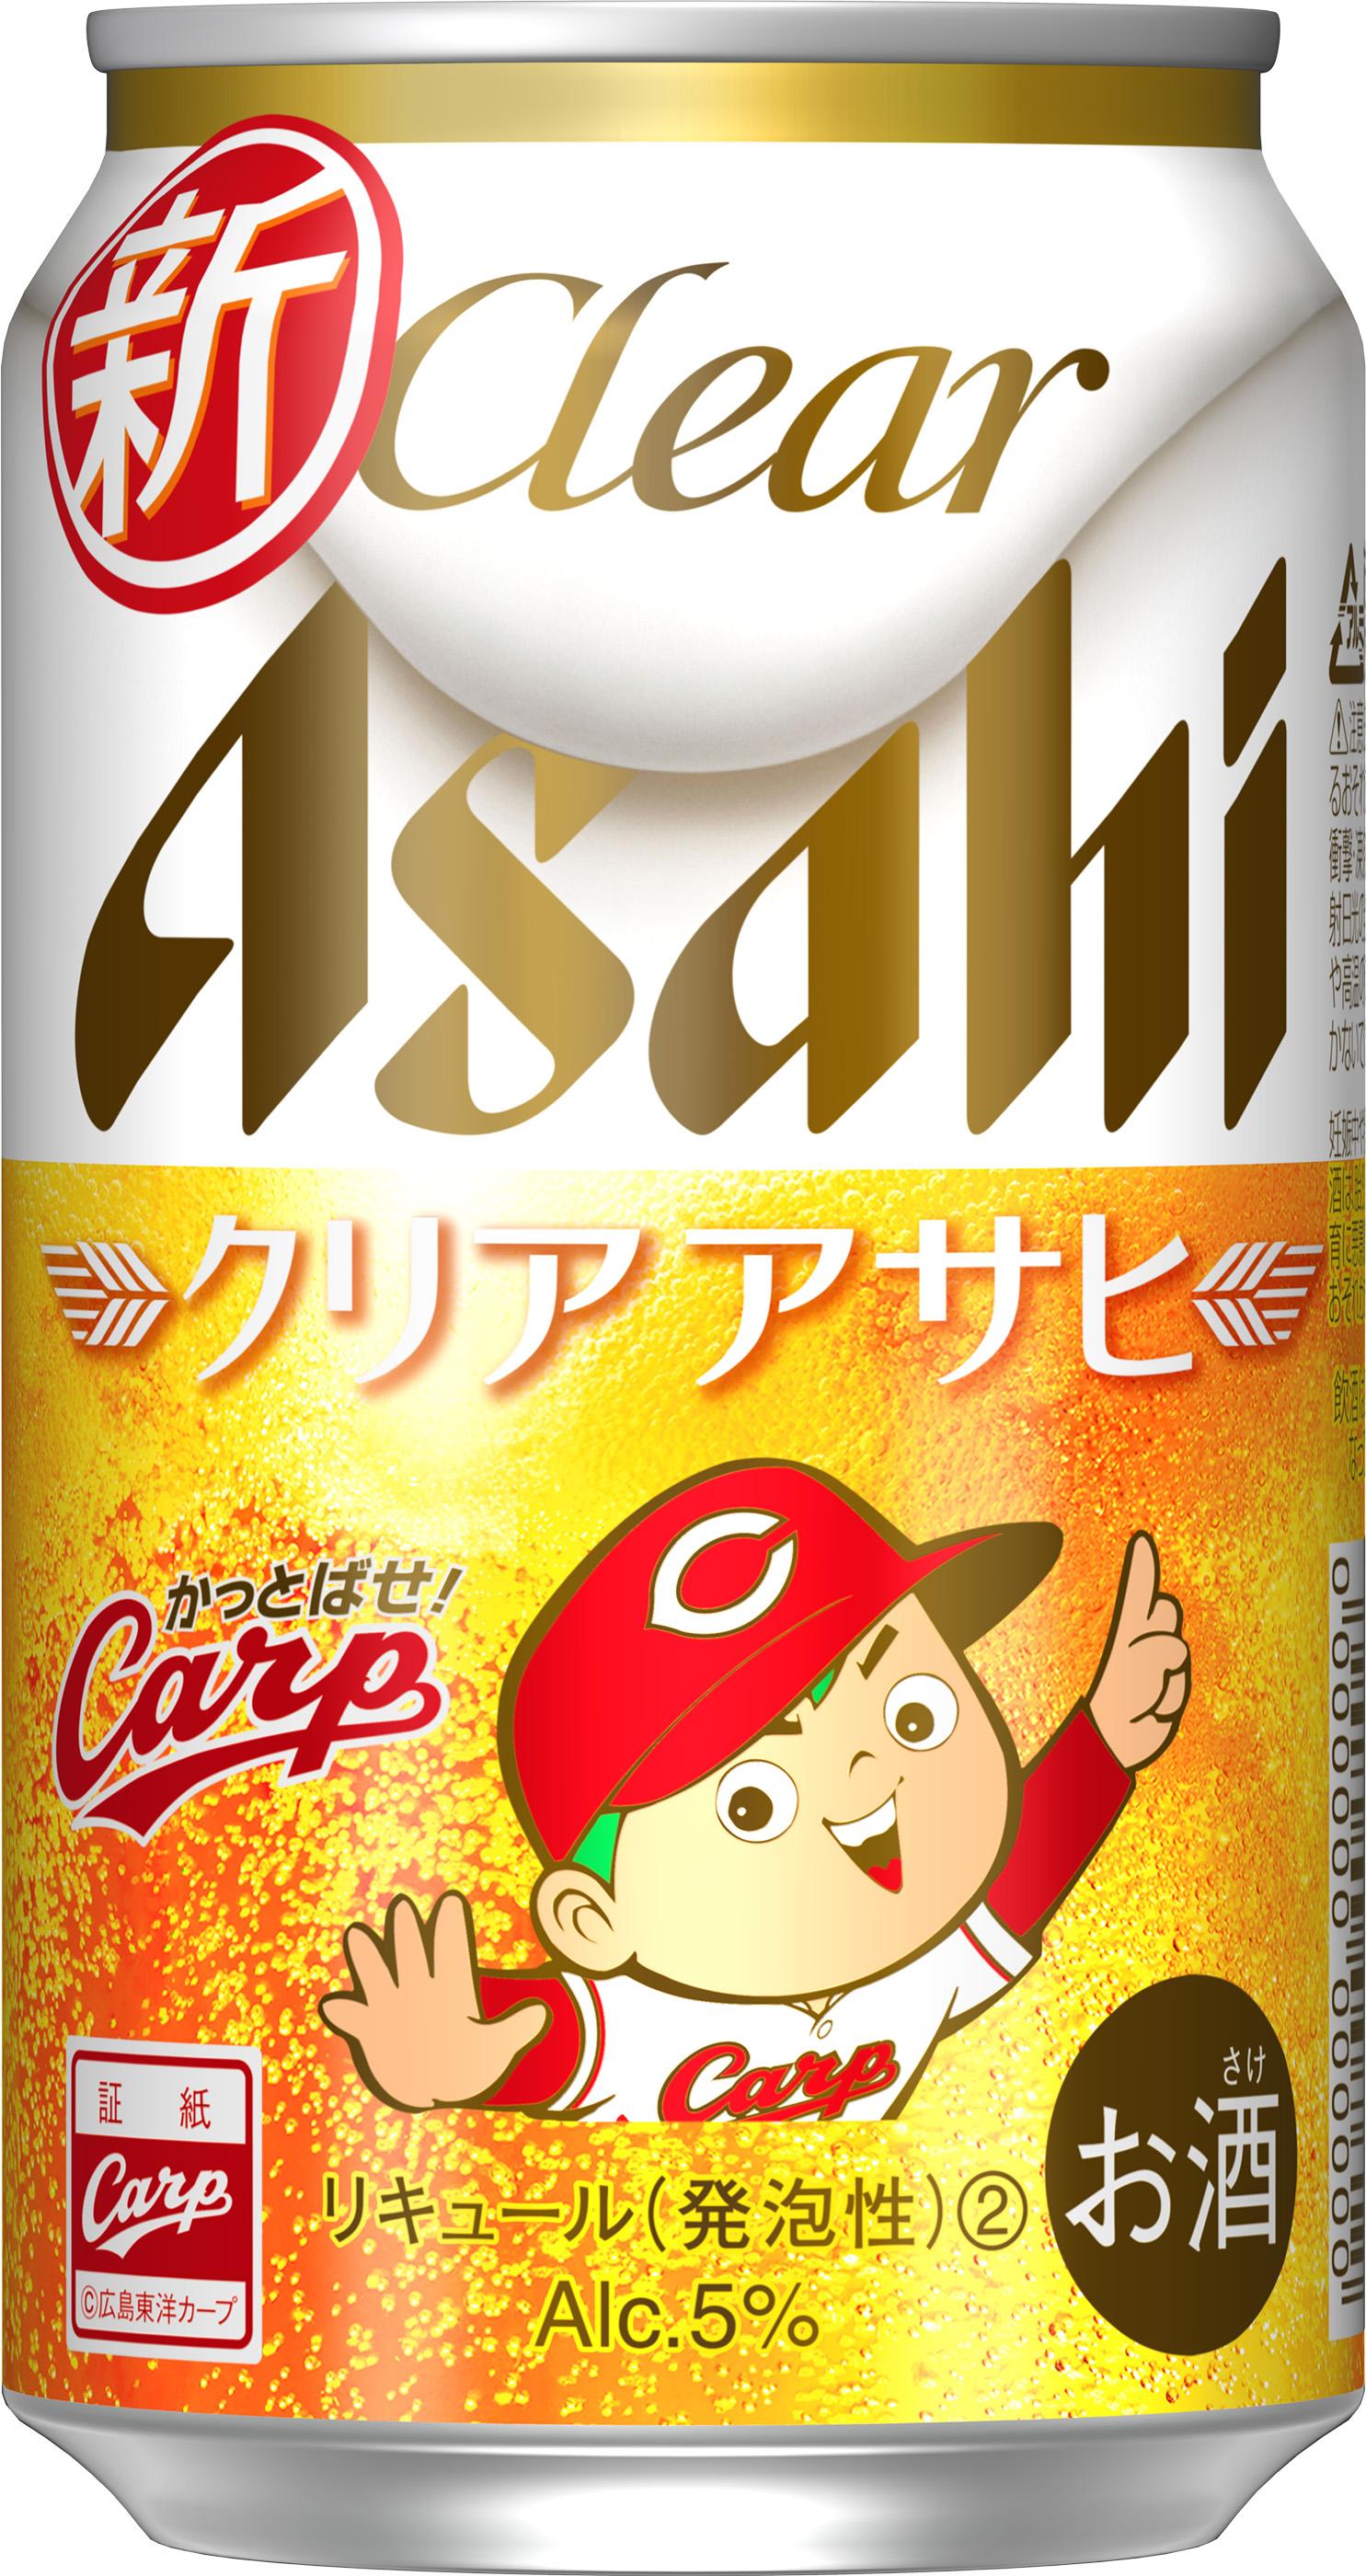 クリアアサヒ「がんばれ広島東洋カープ缶」